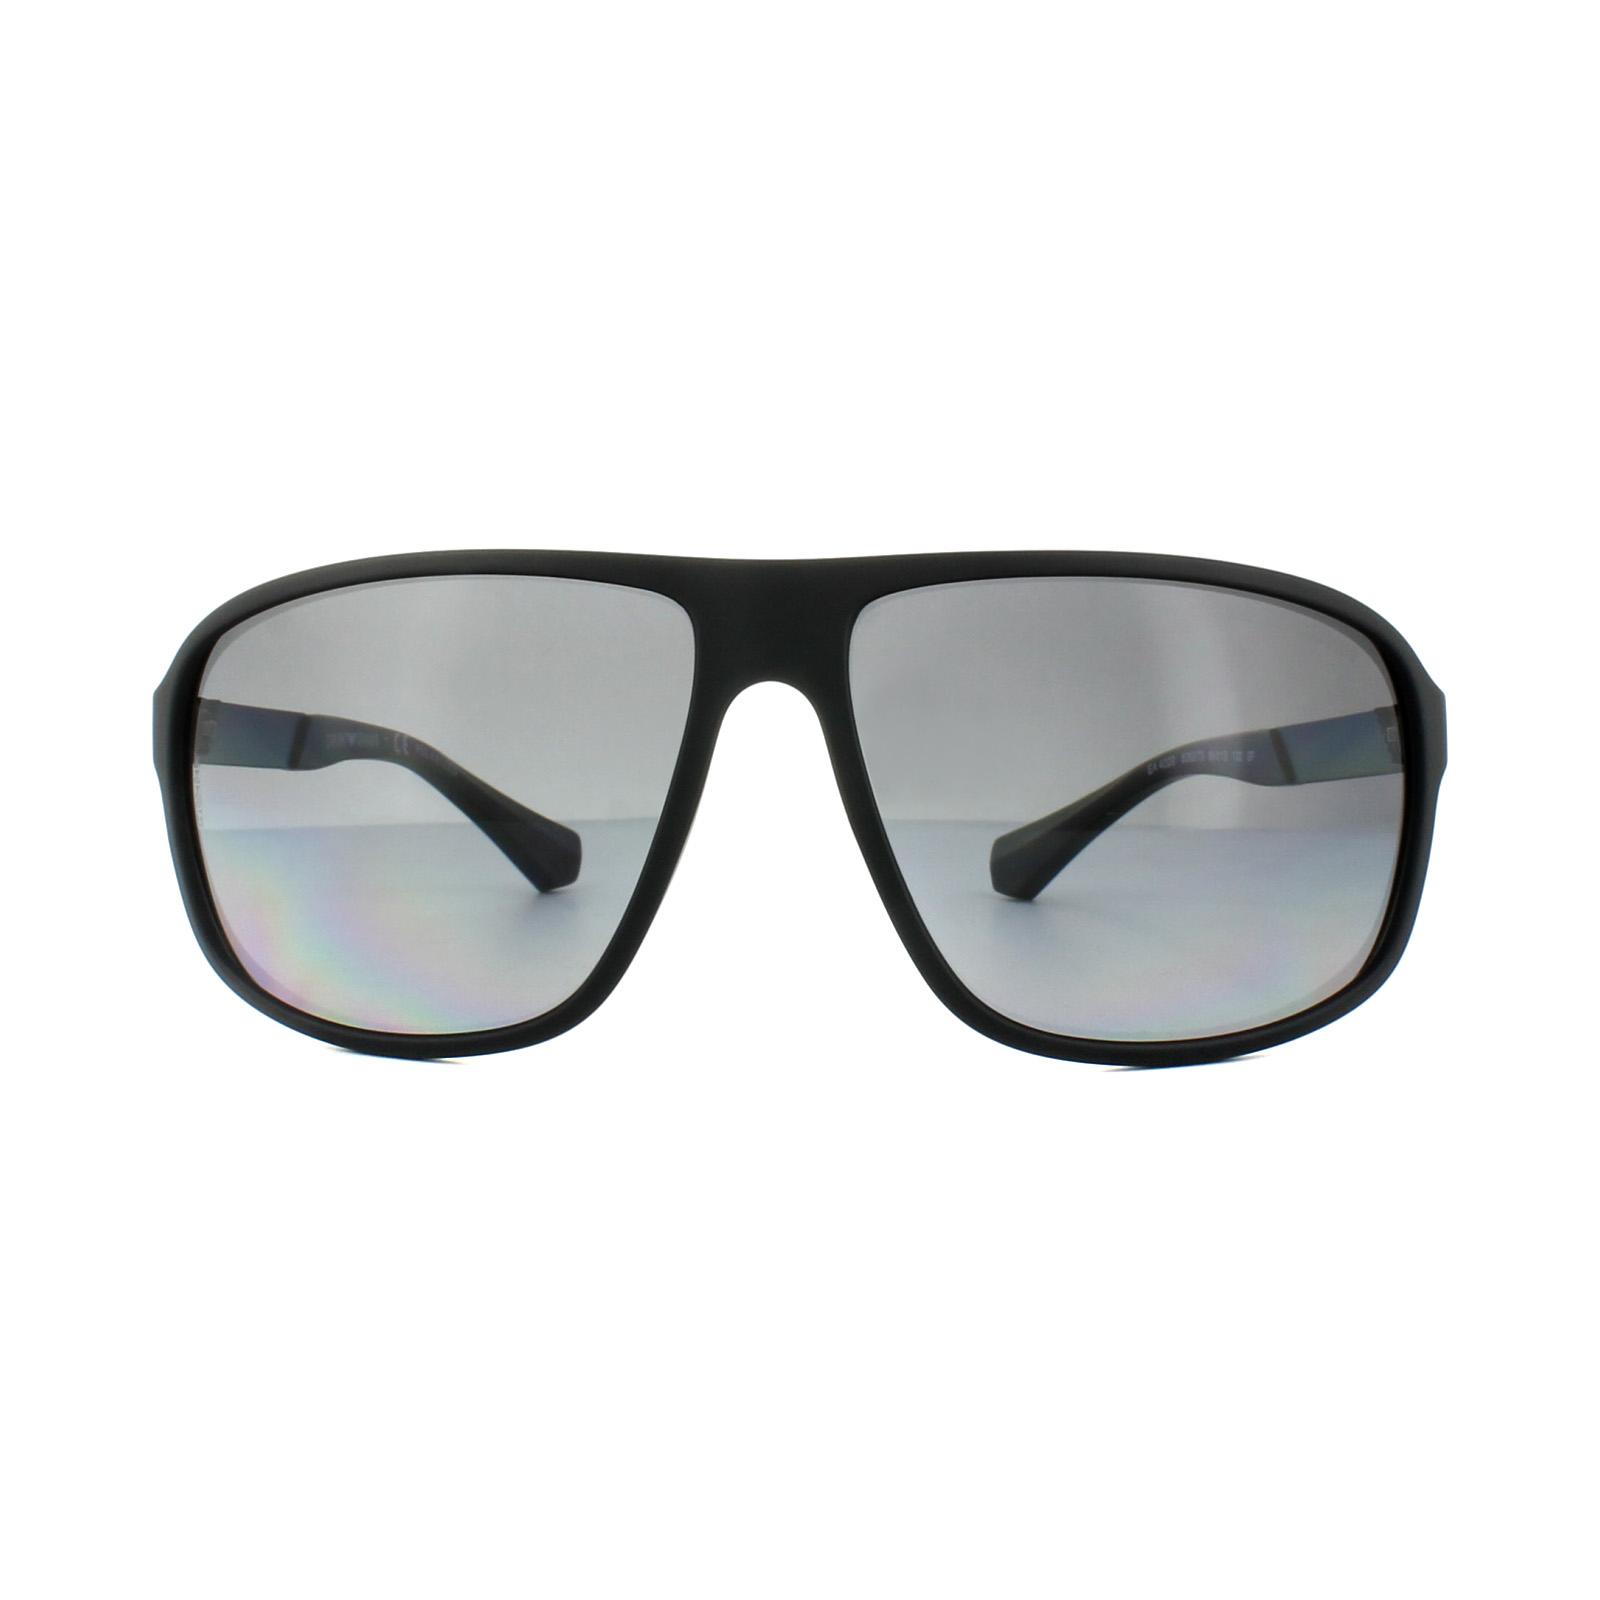 ad582ccb87b5 Sentinel Emporio Armani Sunglasses 4029 5063T3 Black Rubber Grey Gradient  Polarized